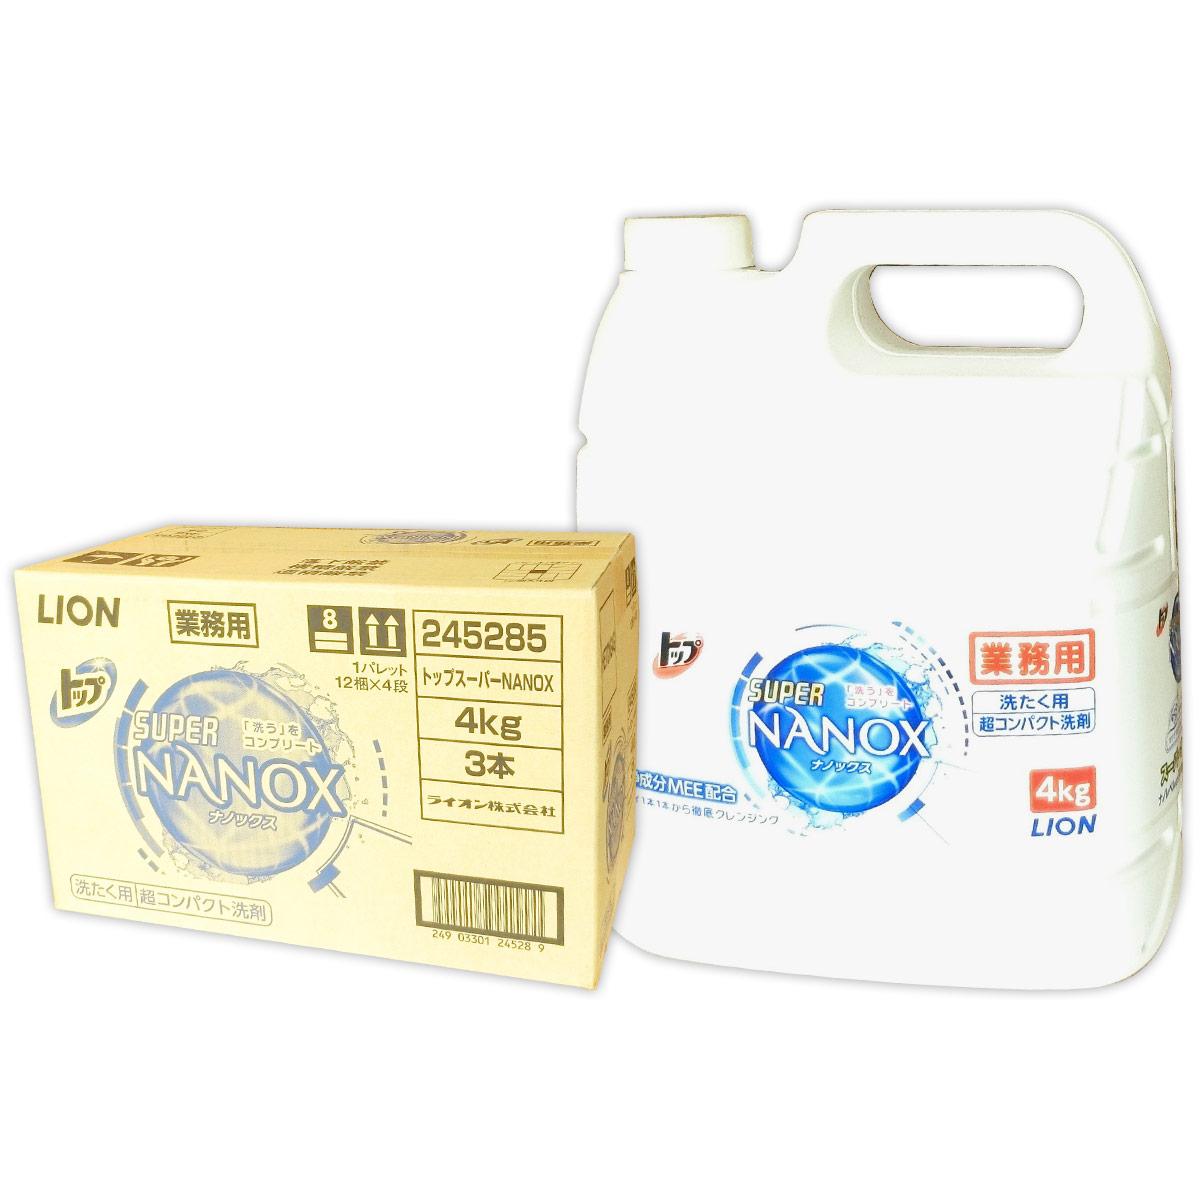 SUPER NANOX 4kg × 3本 【ライオン LION 業務用】【245285】